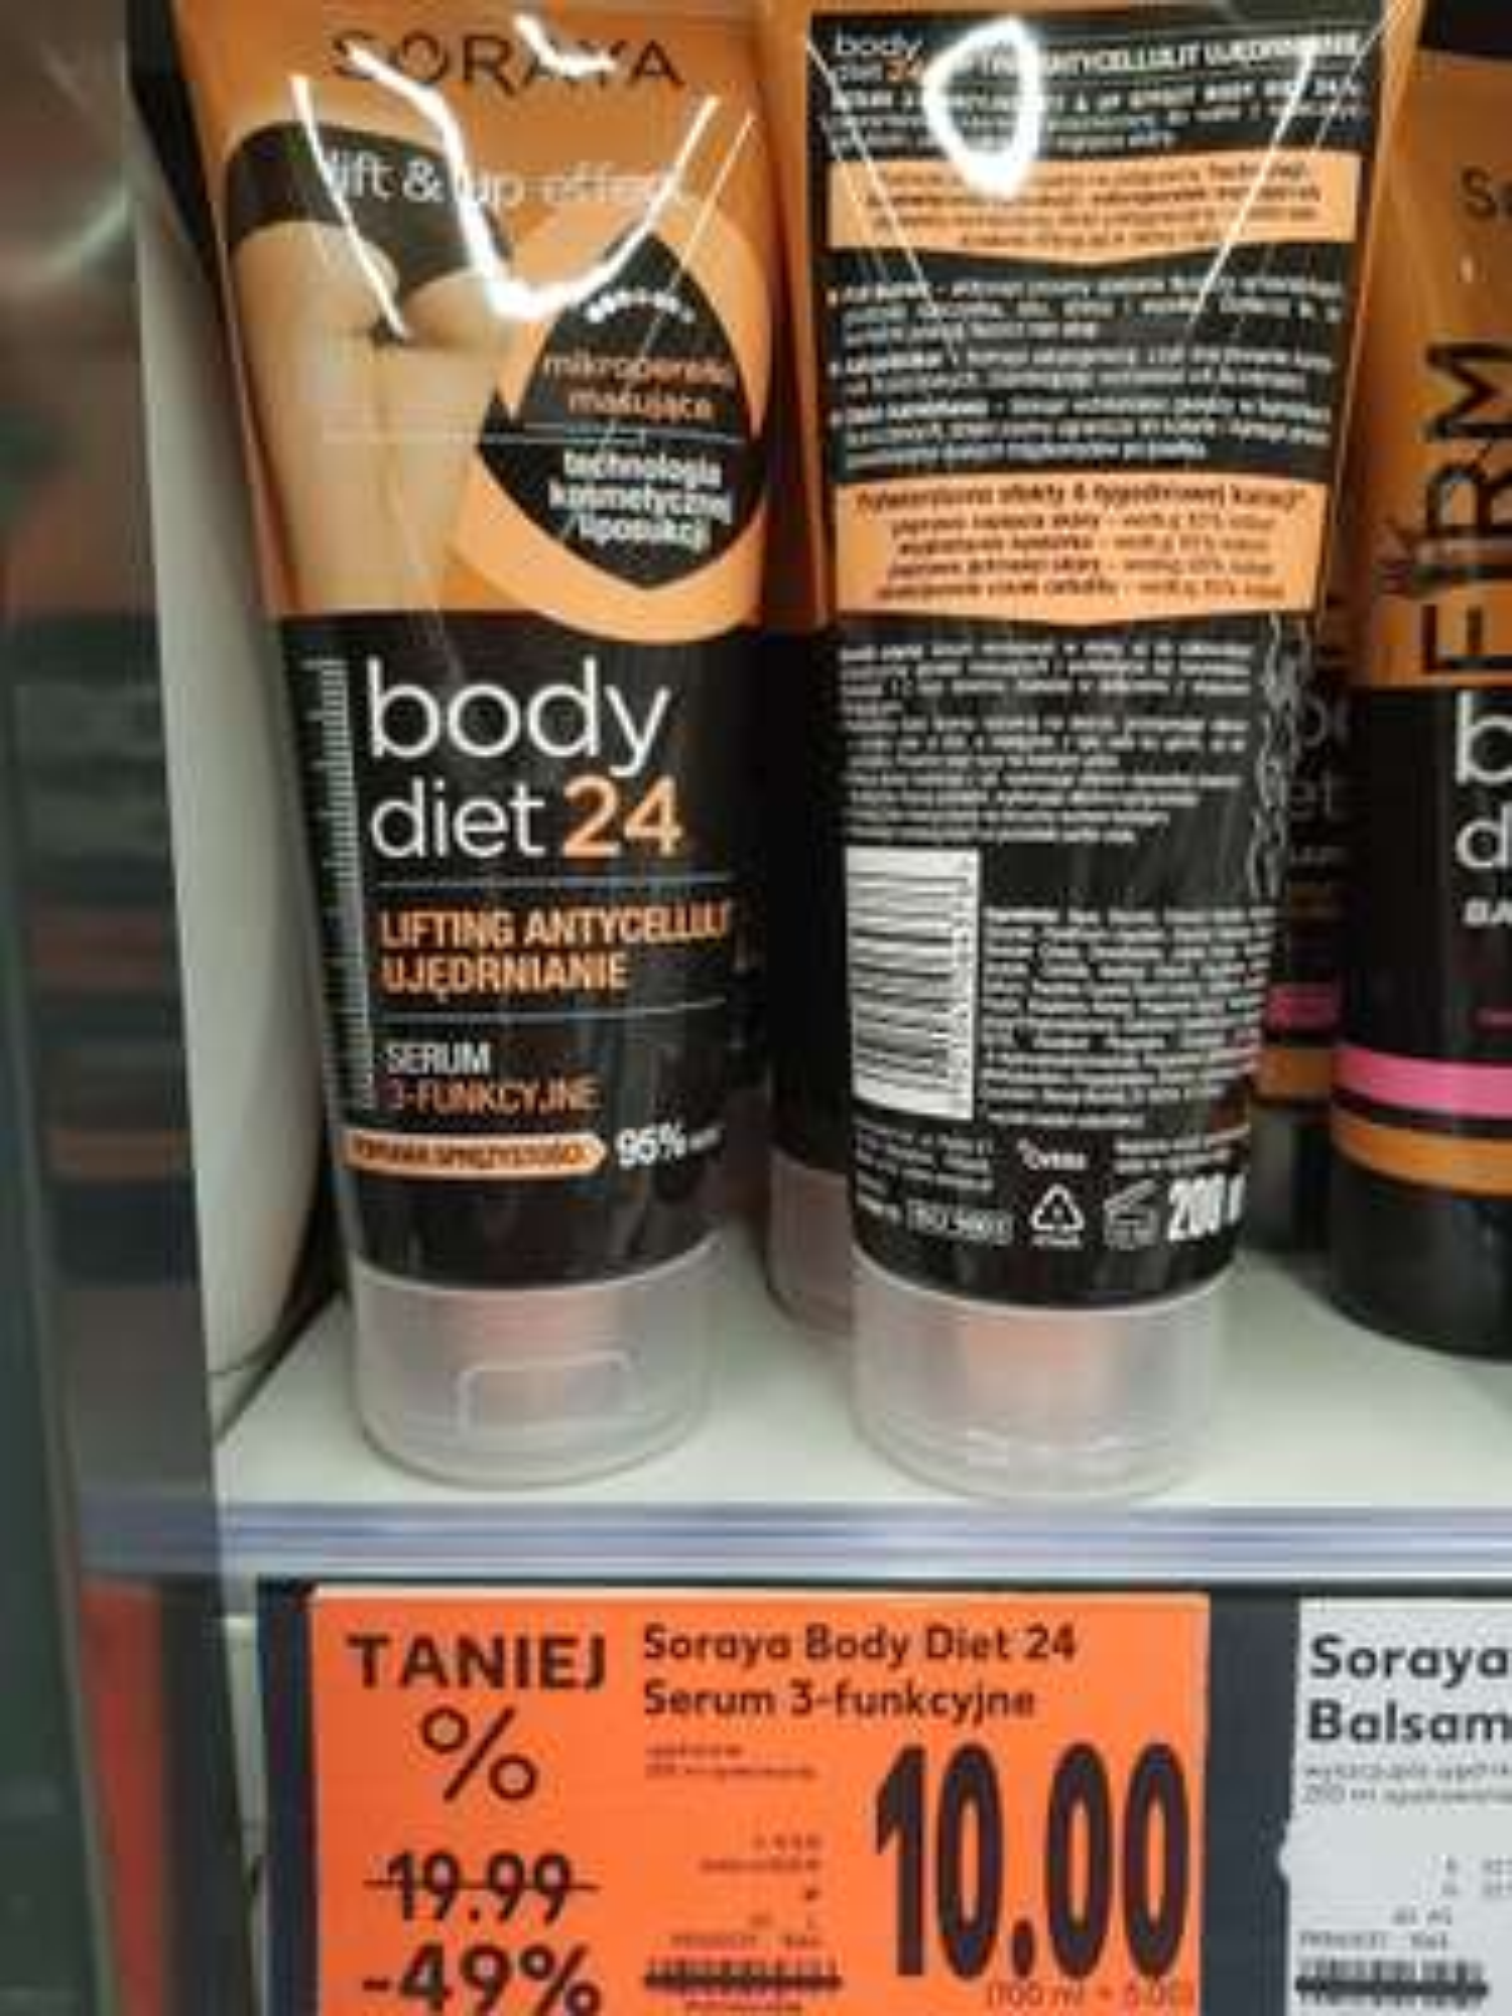 Obniżka serum 3funkcyjne SORAYA BodyDiet 24